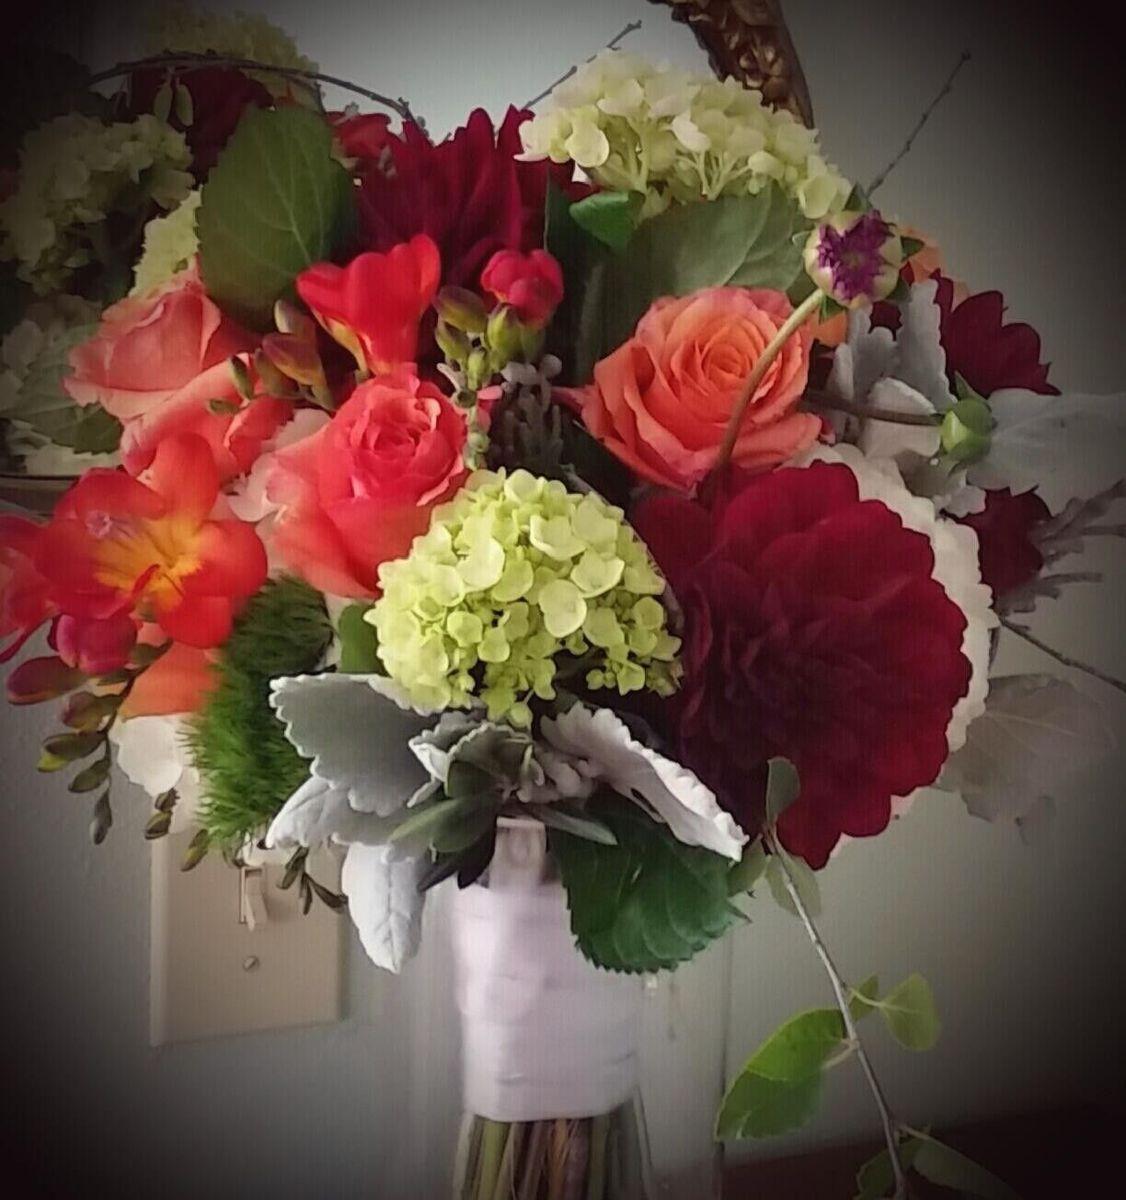 Santa Maria Wedding Florists - Reviews for Florists